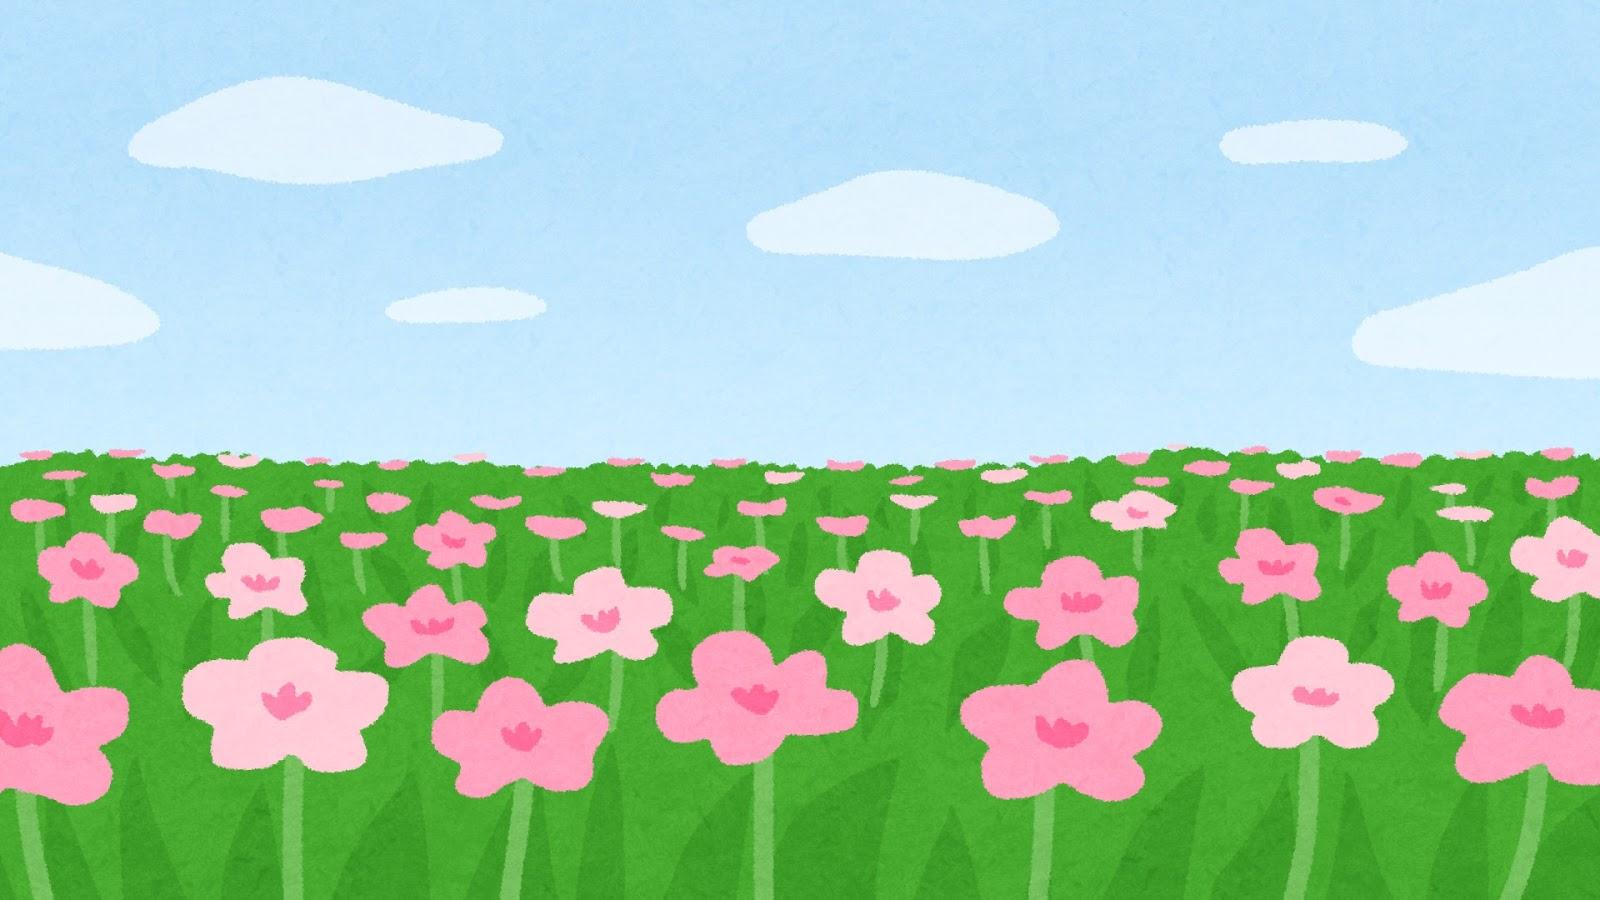 お花畑のイラスト(背景素材)